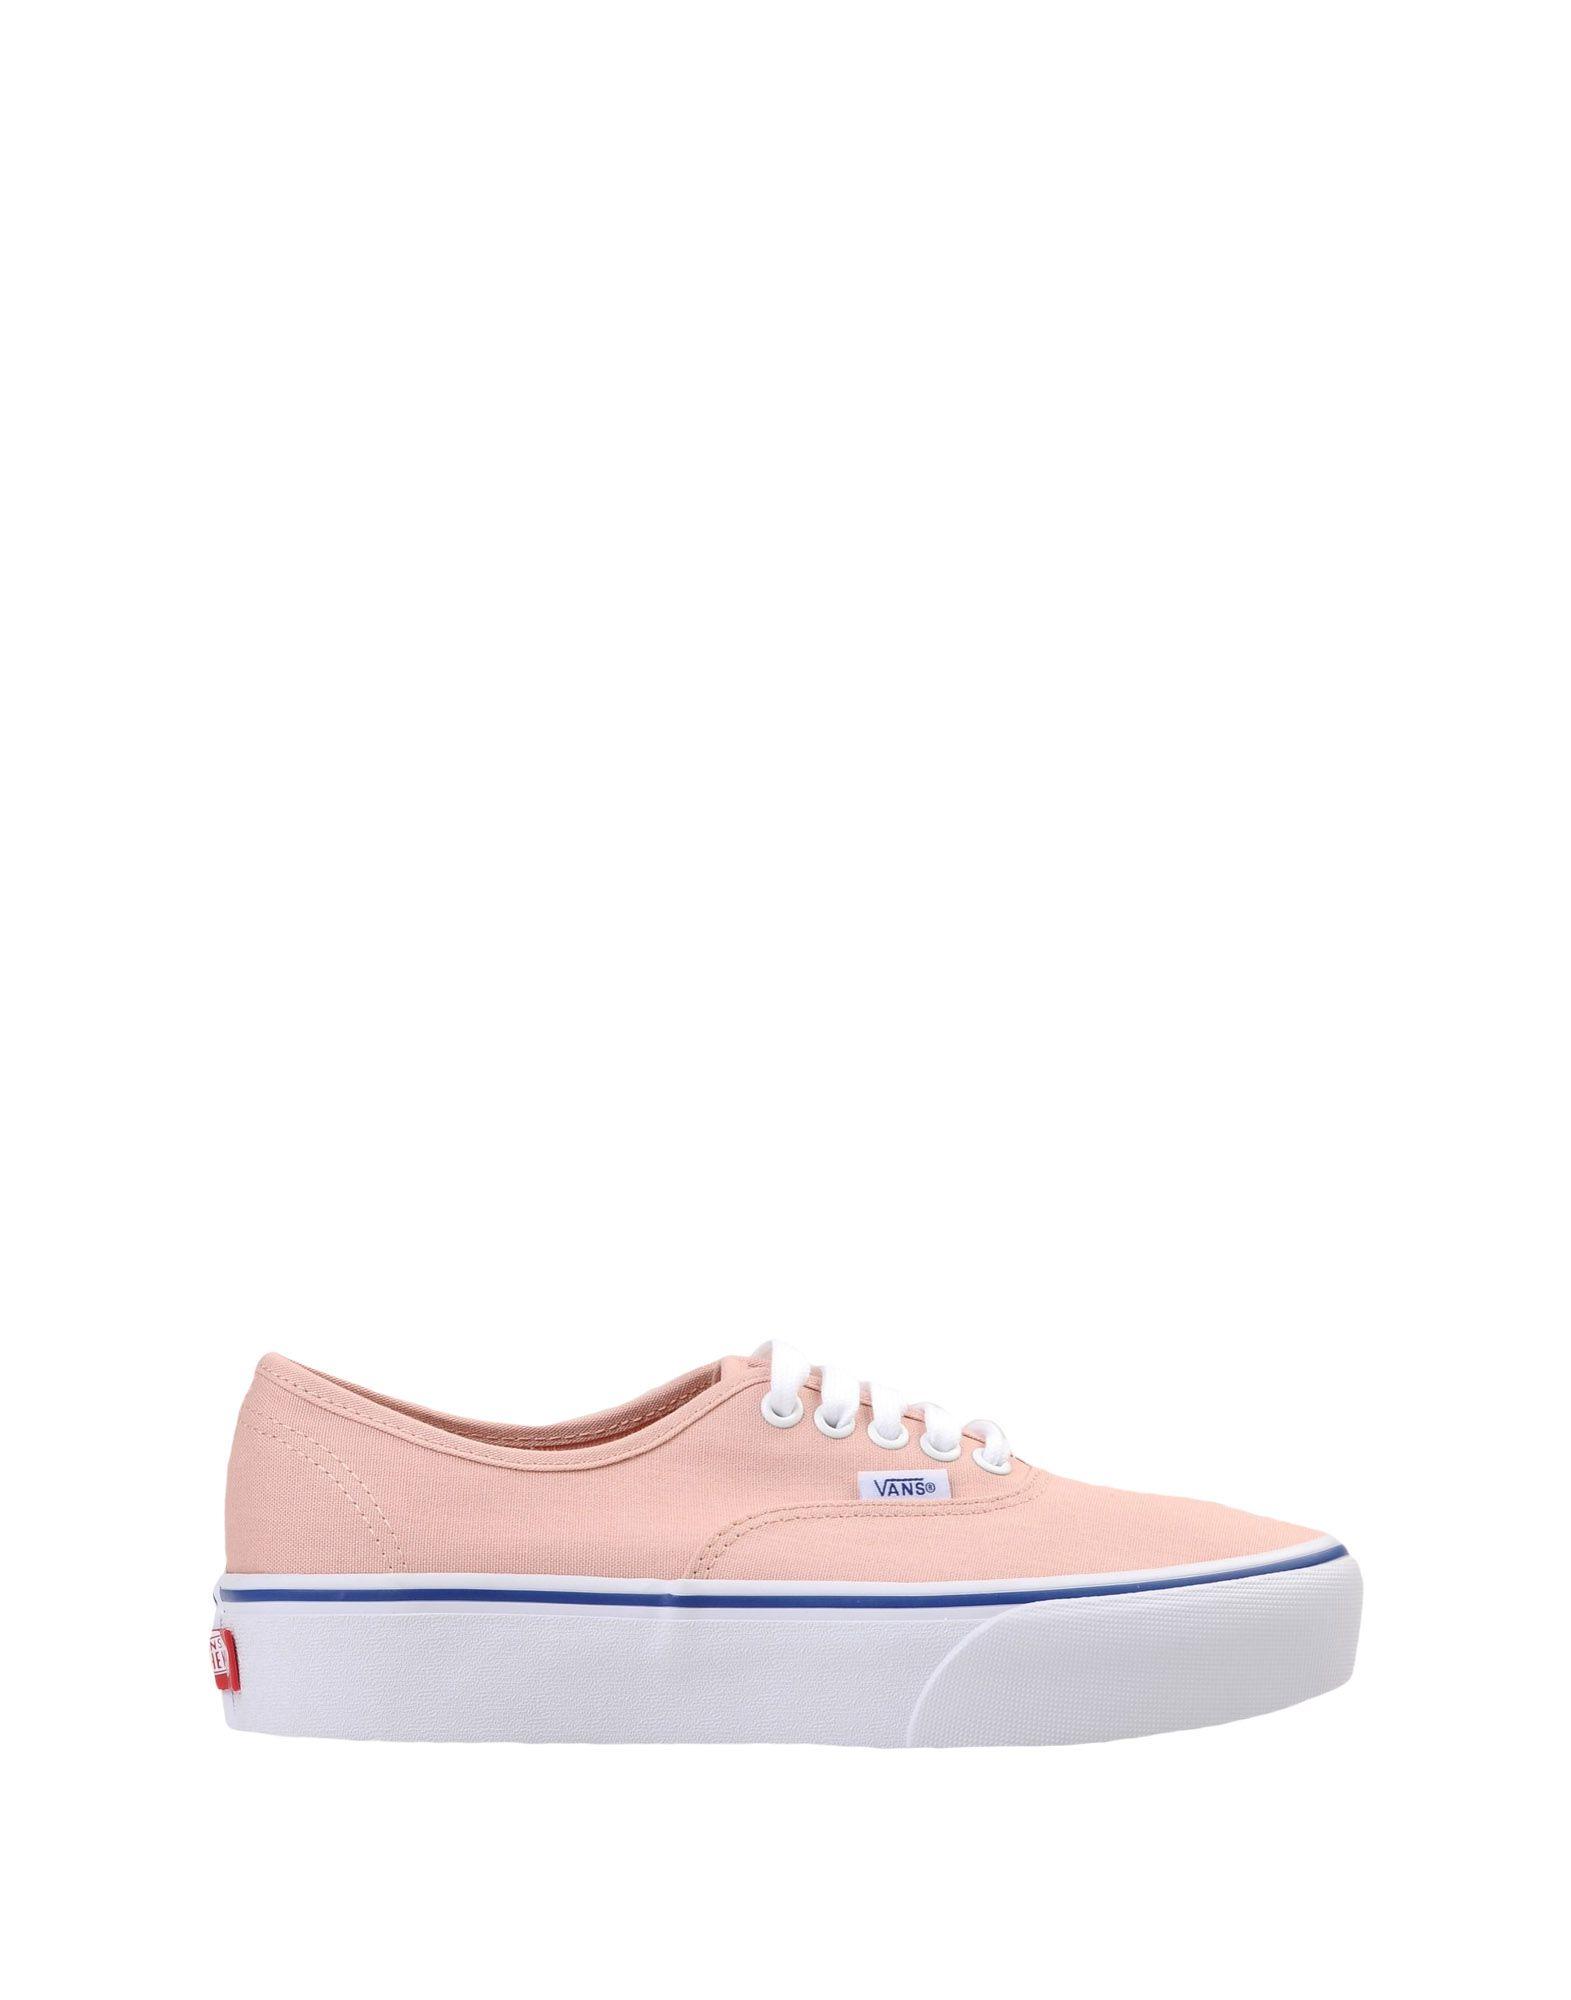 Vans Ua Authentic Qualität Platform 2.0  11452066DS Gute Qualität Authentic beliebte Schuhe 451048